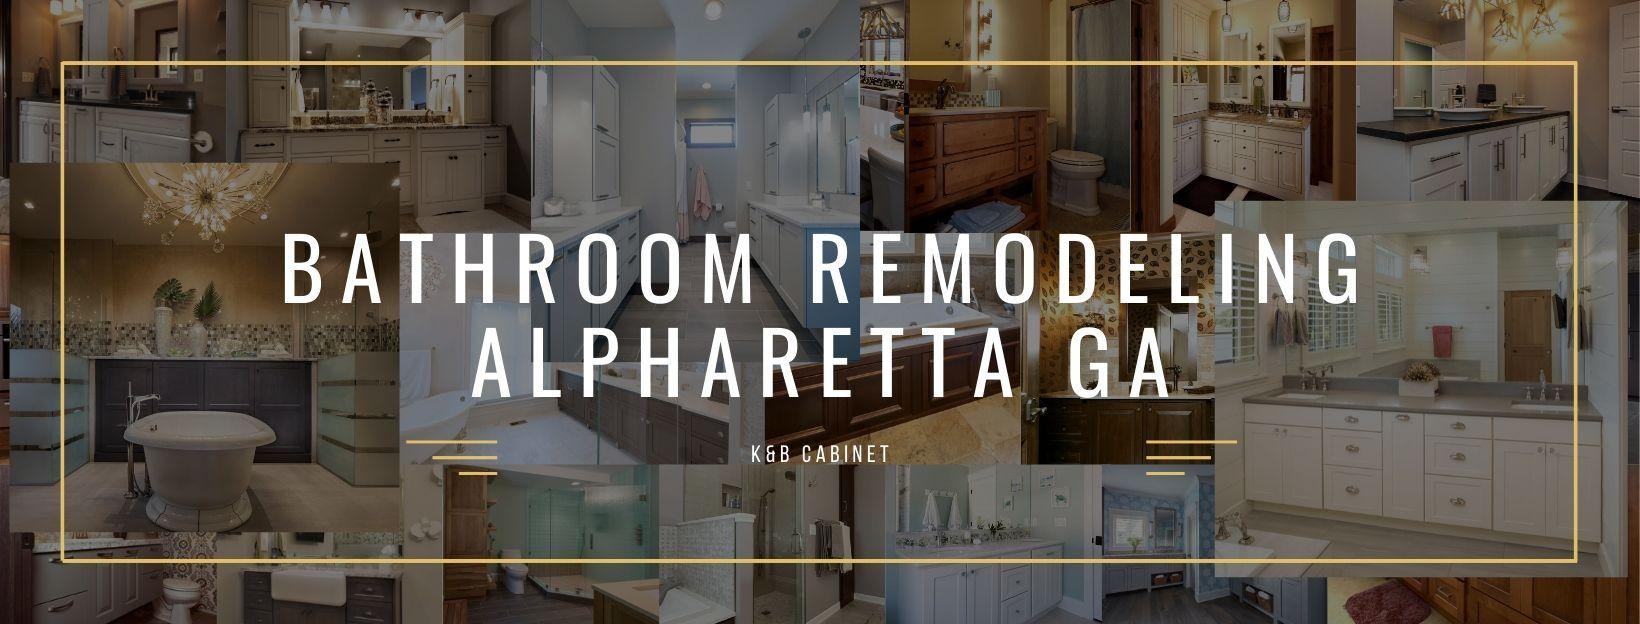 Bathroom Remodeling Alpharetta GA